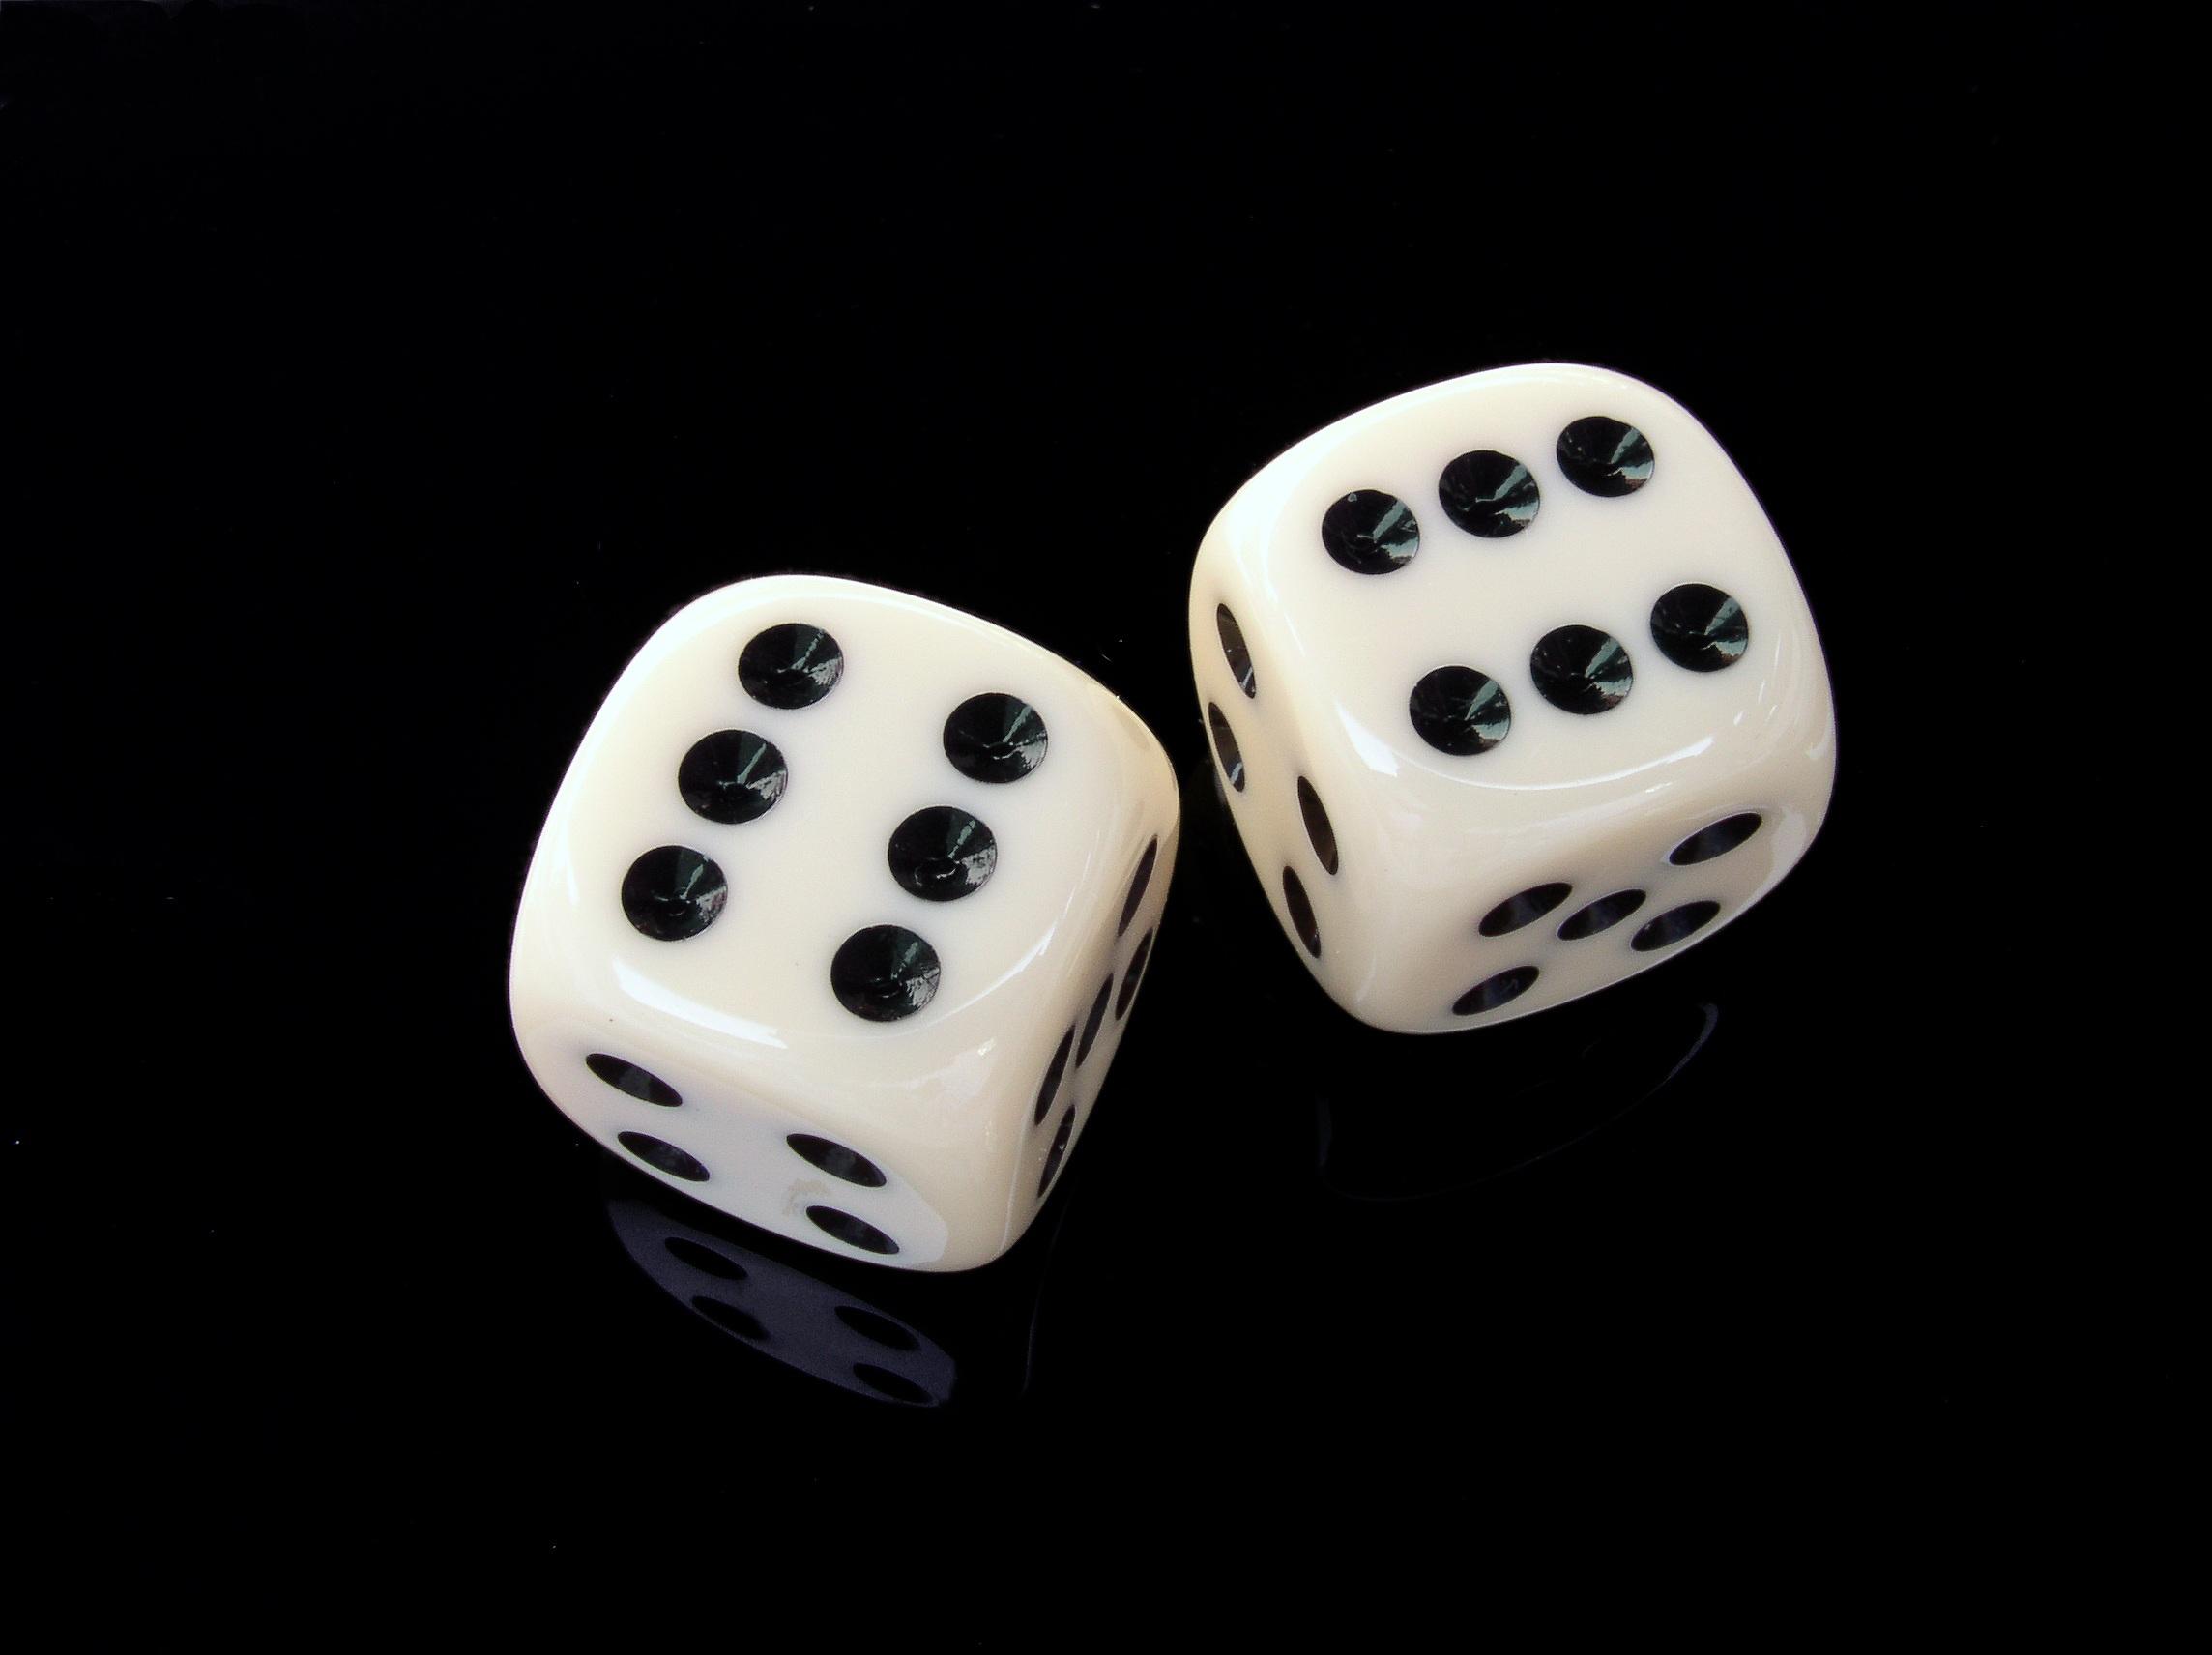 cube-six-gambling-play-37524